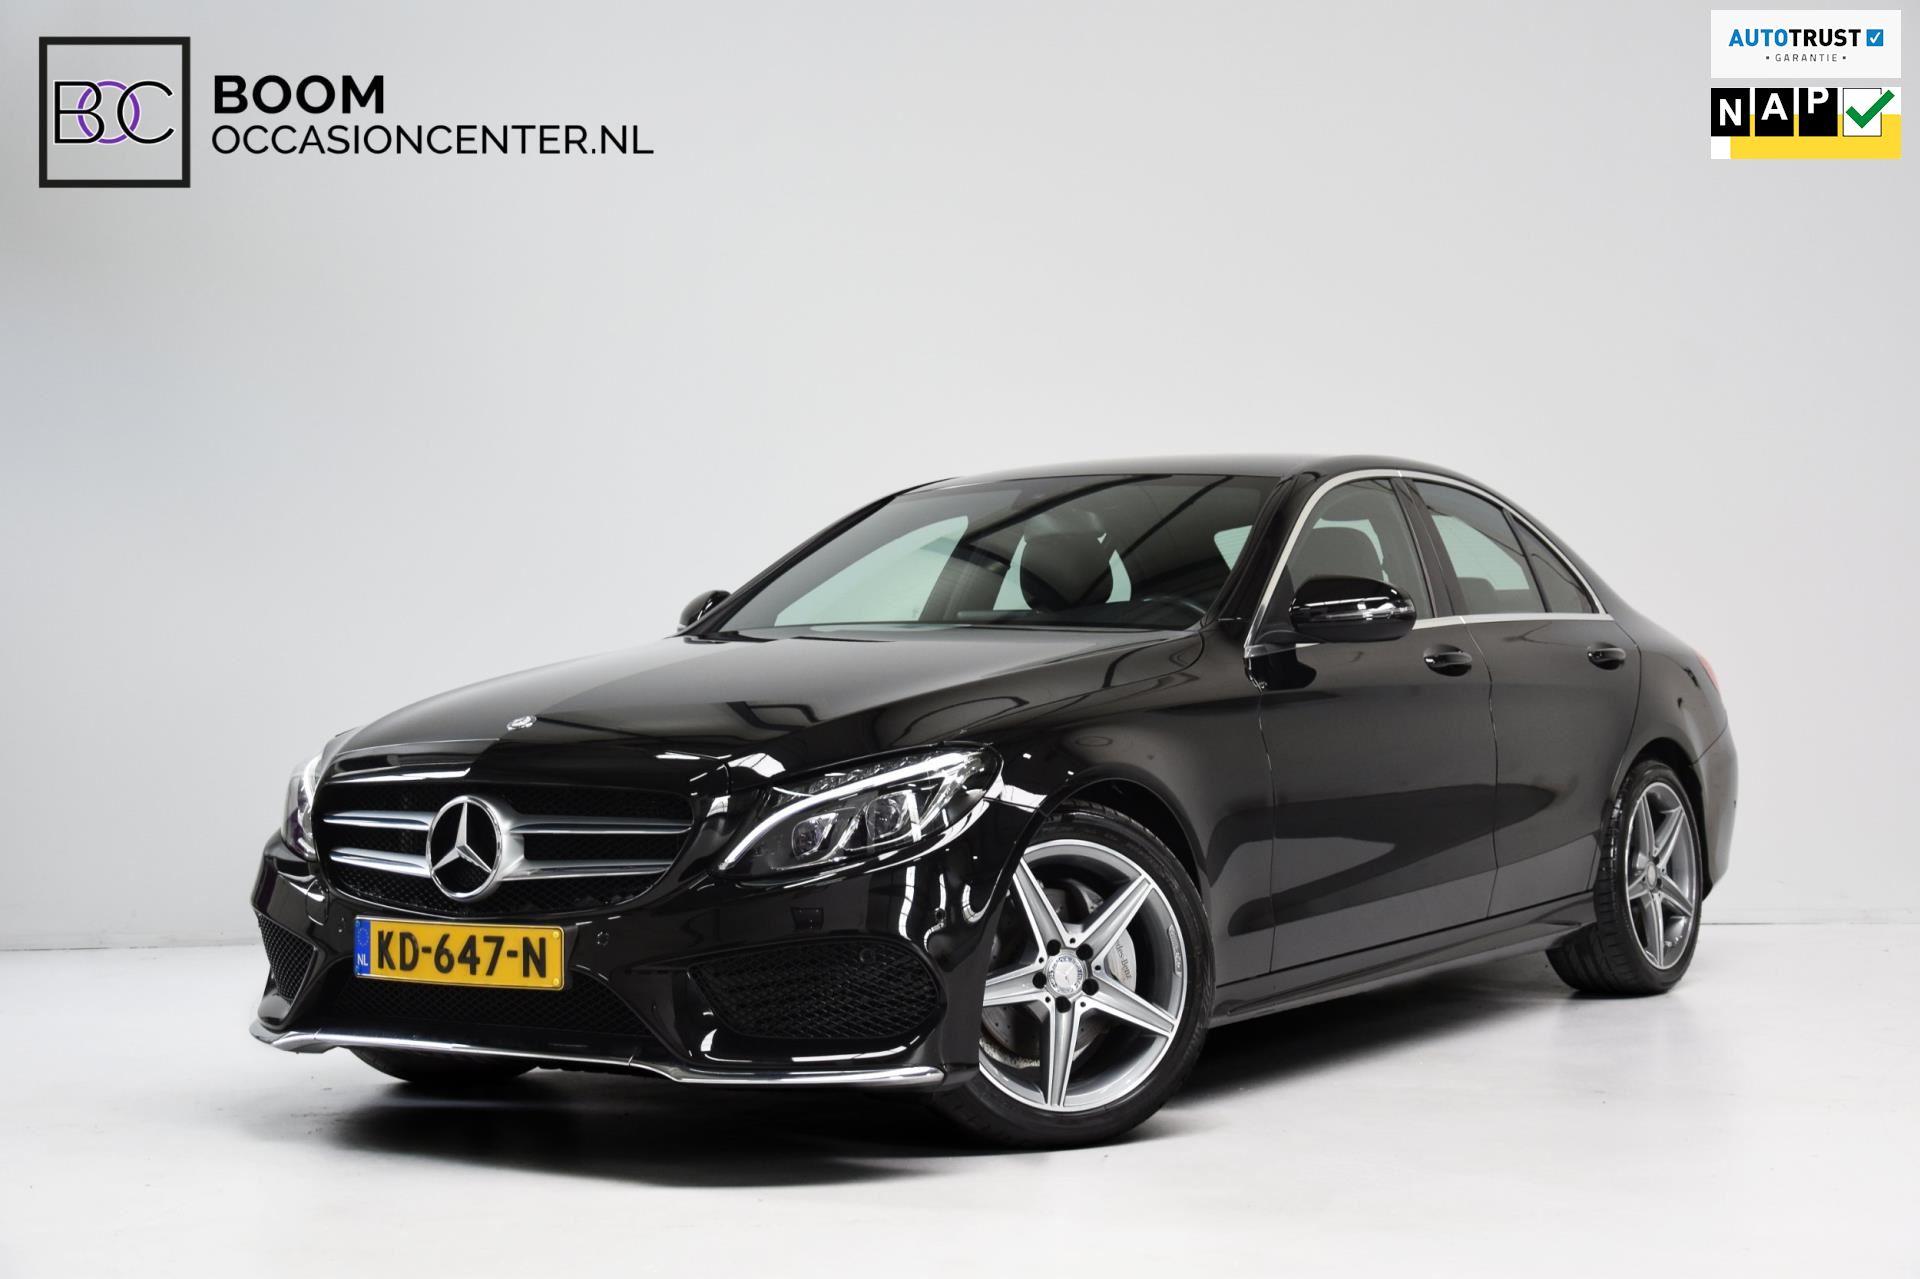 Mercedes-Benz C-klasse occasion - BoomOccasionCenter.nl